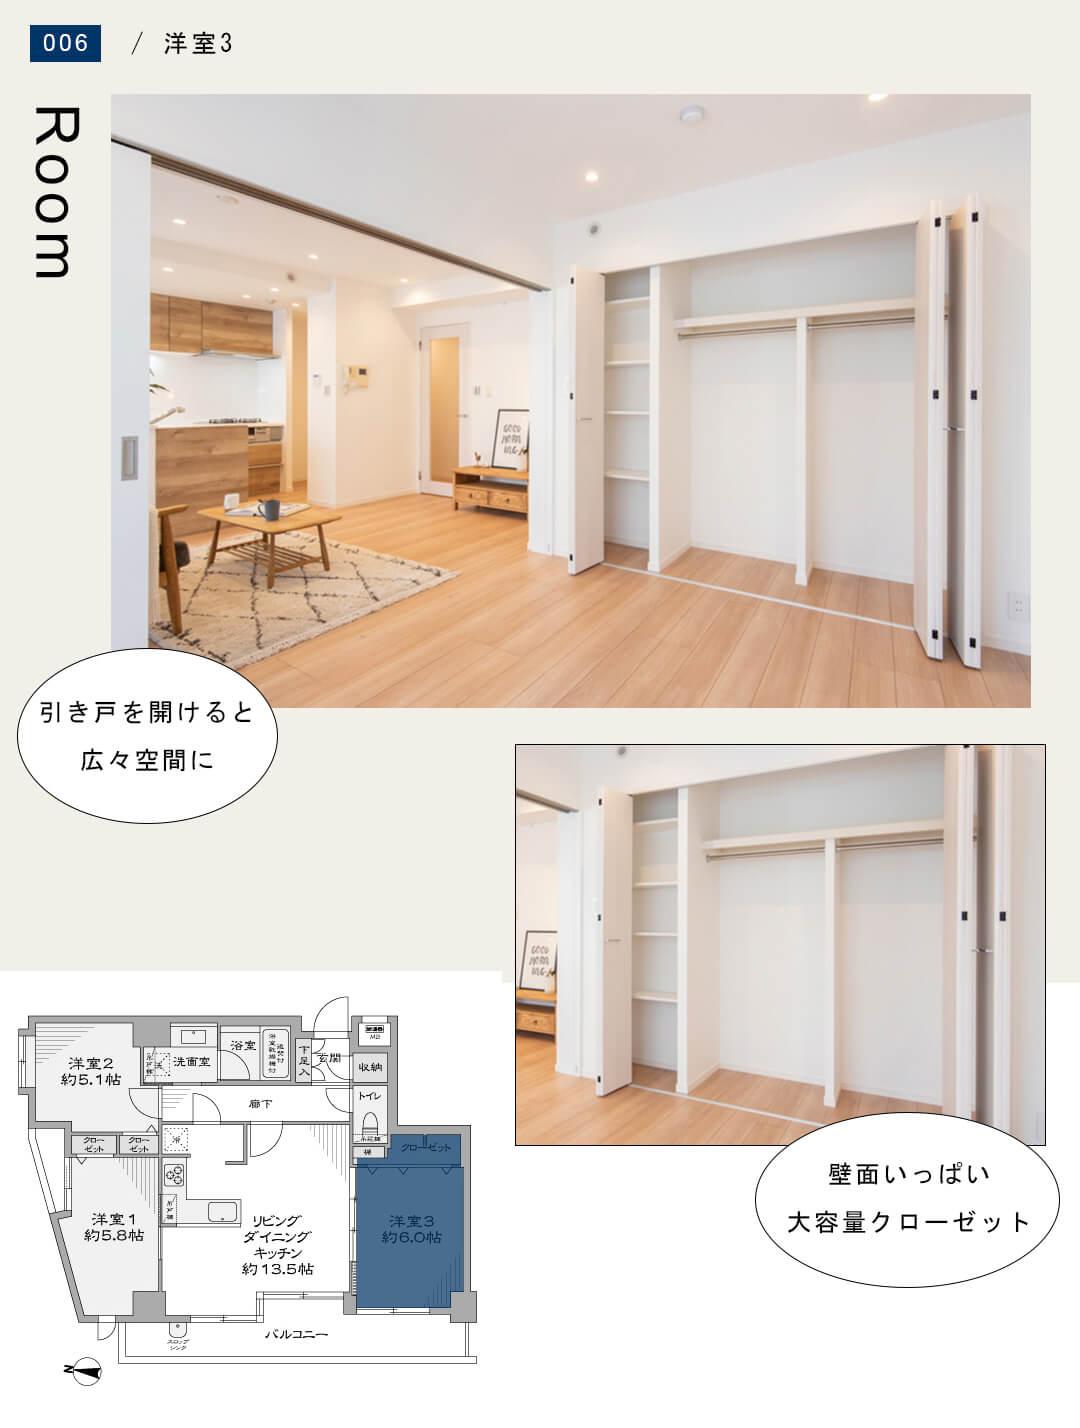 東十条ダイヤモンドマンションの洋室3